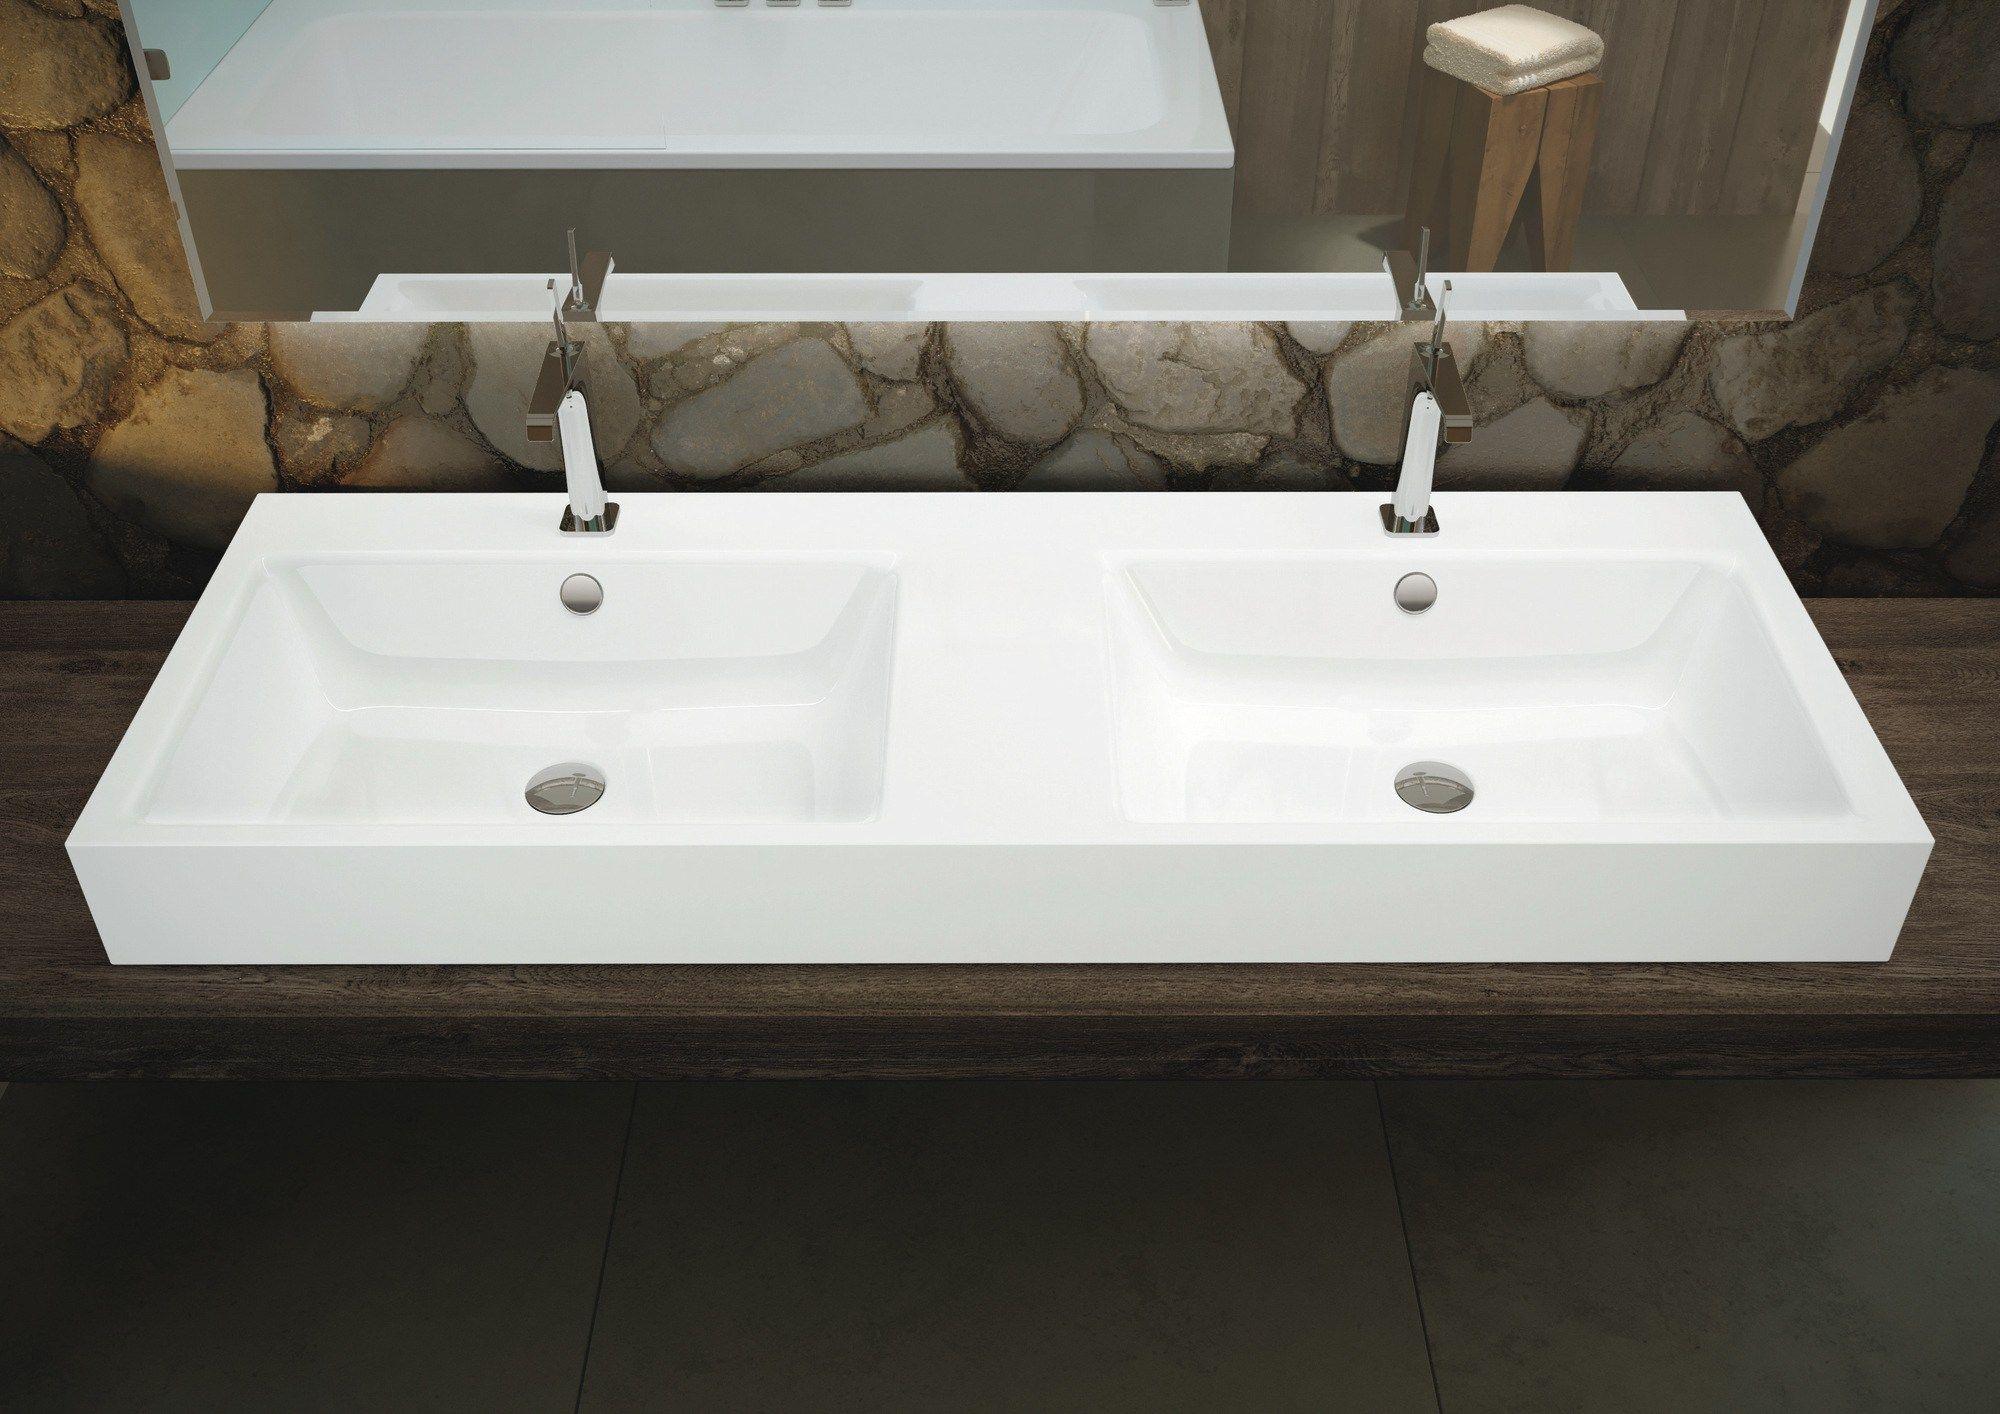 Puro doppel waschbecken by kaldewei italia design anke for Kaldewei waschbecken